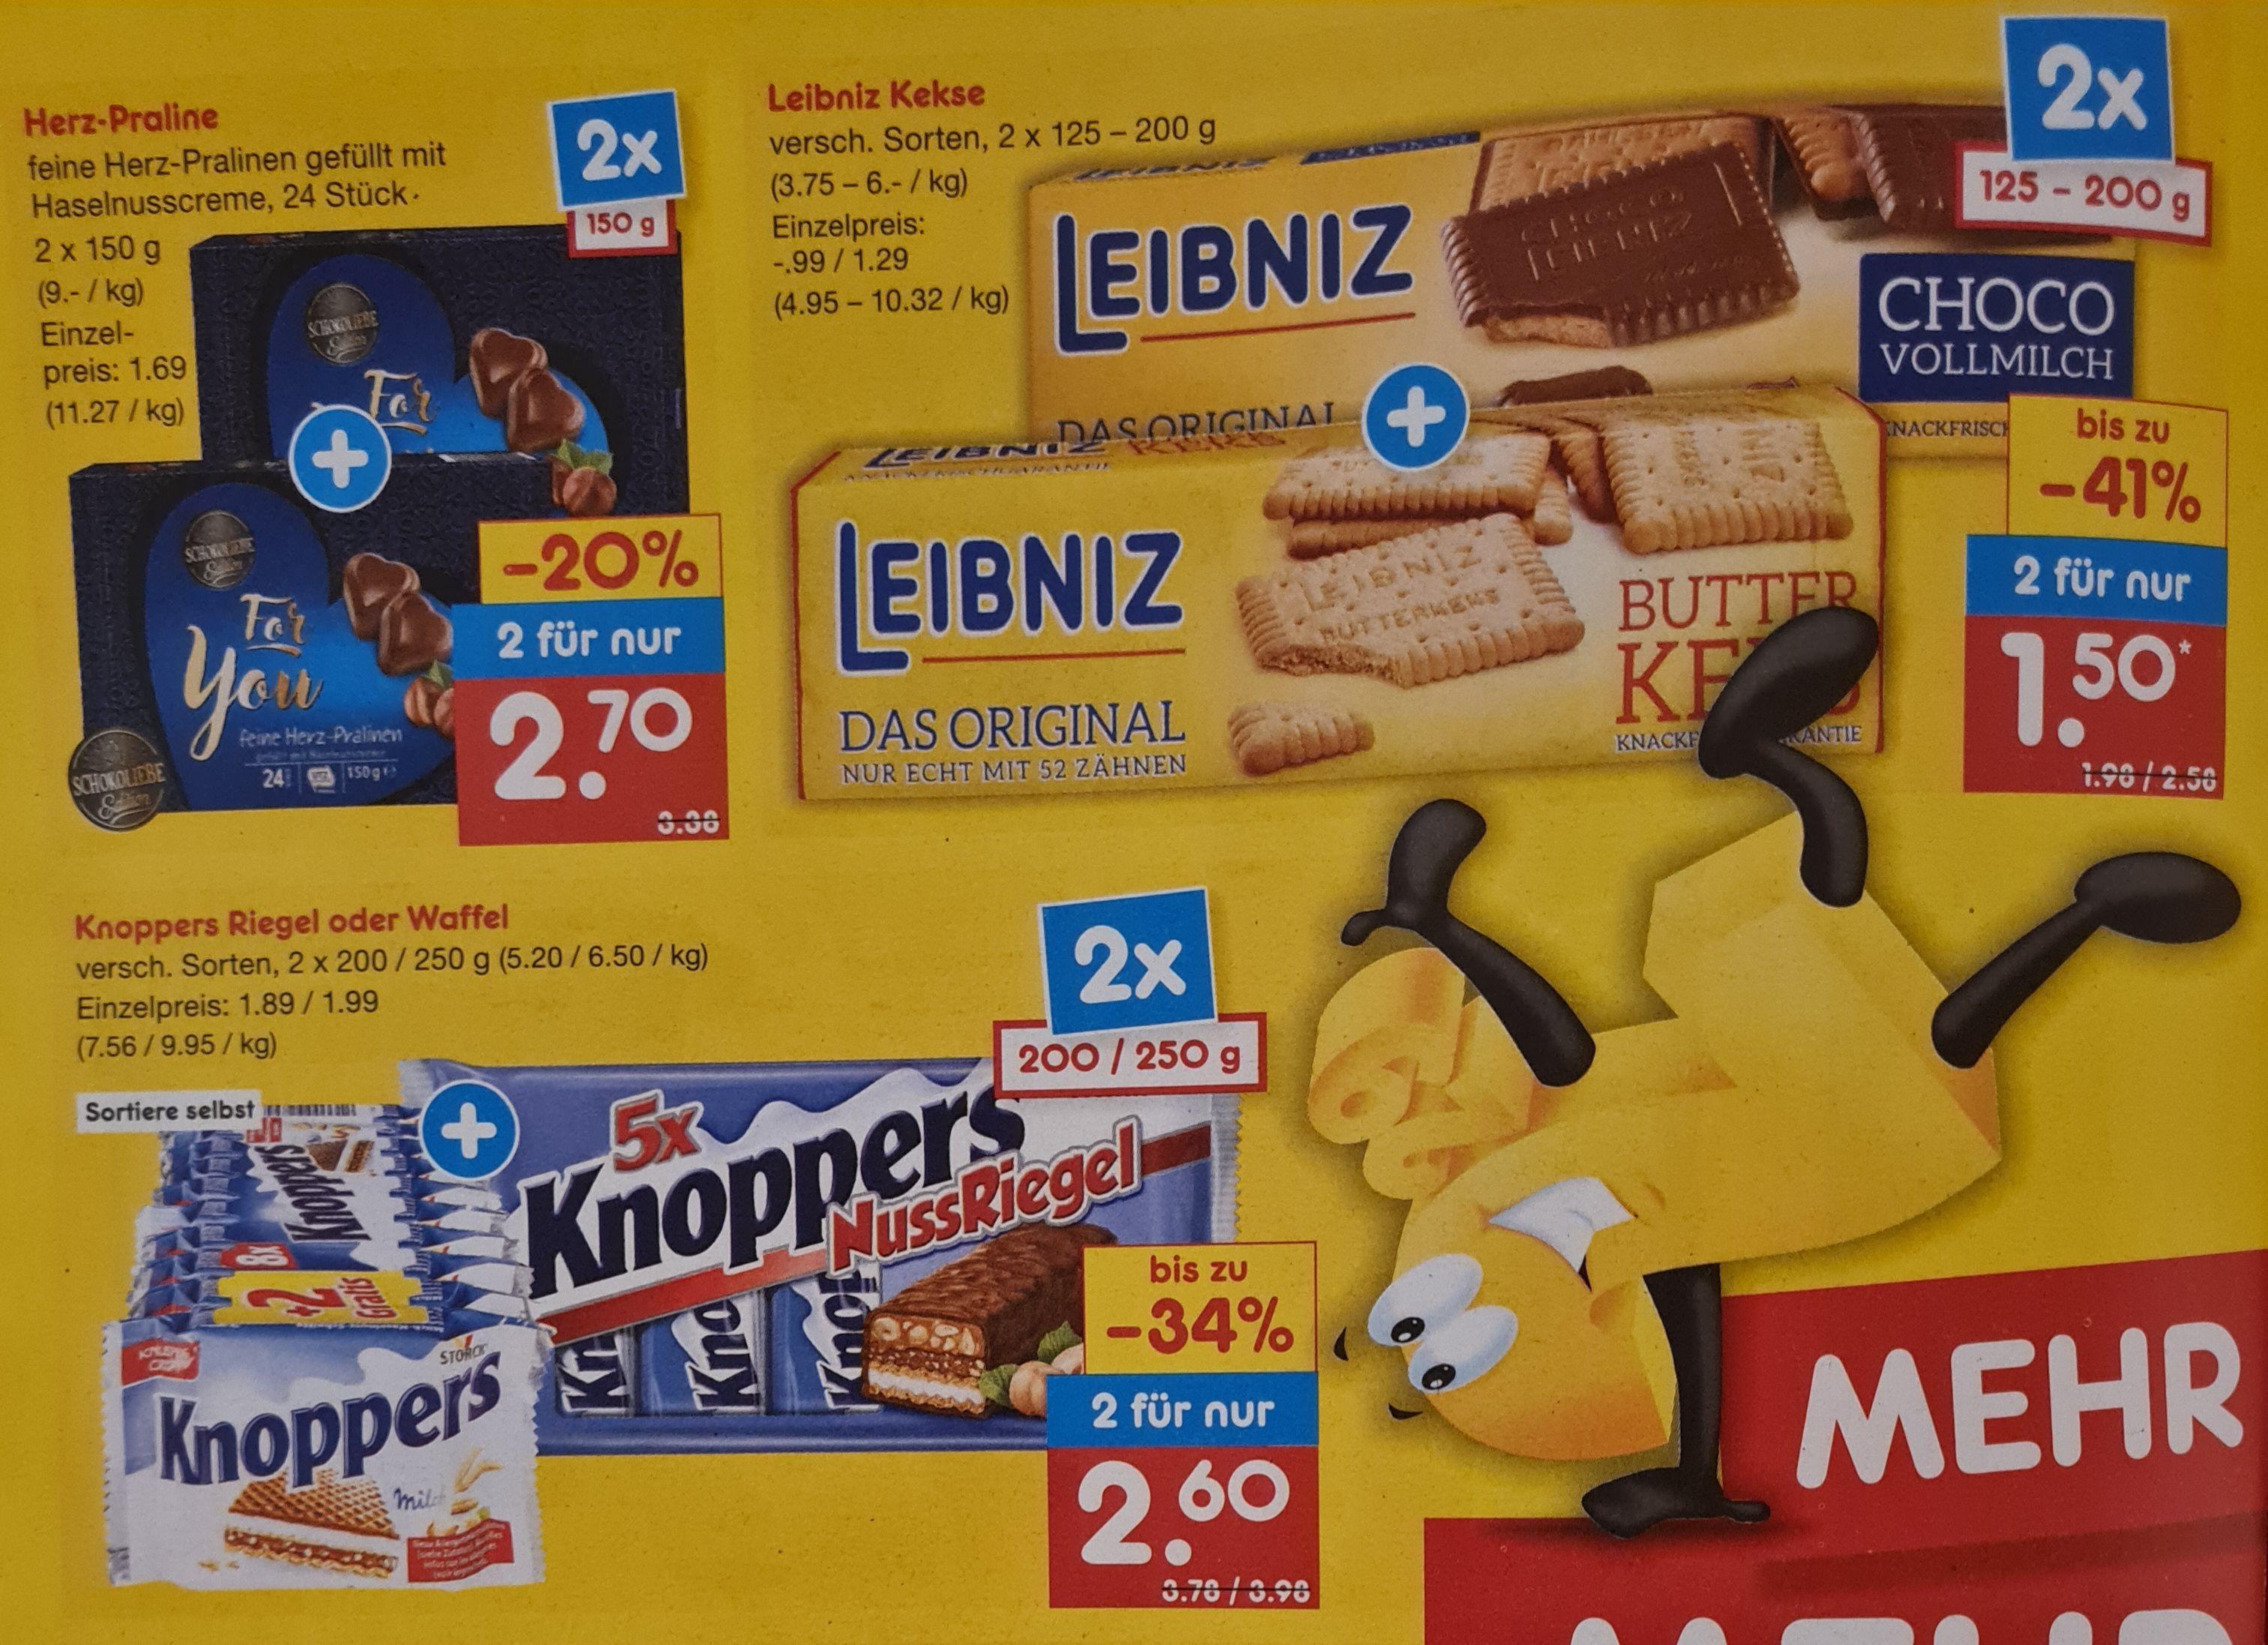 Knoppers 2x für 2,60€ statt 3,98€ UND Leibniz Kekse 2x für 1,50€ statt 2,58€ Netto ab 12.04 plus weitere Angebote